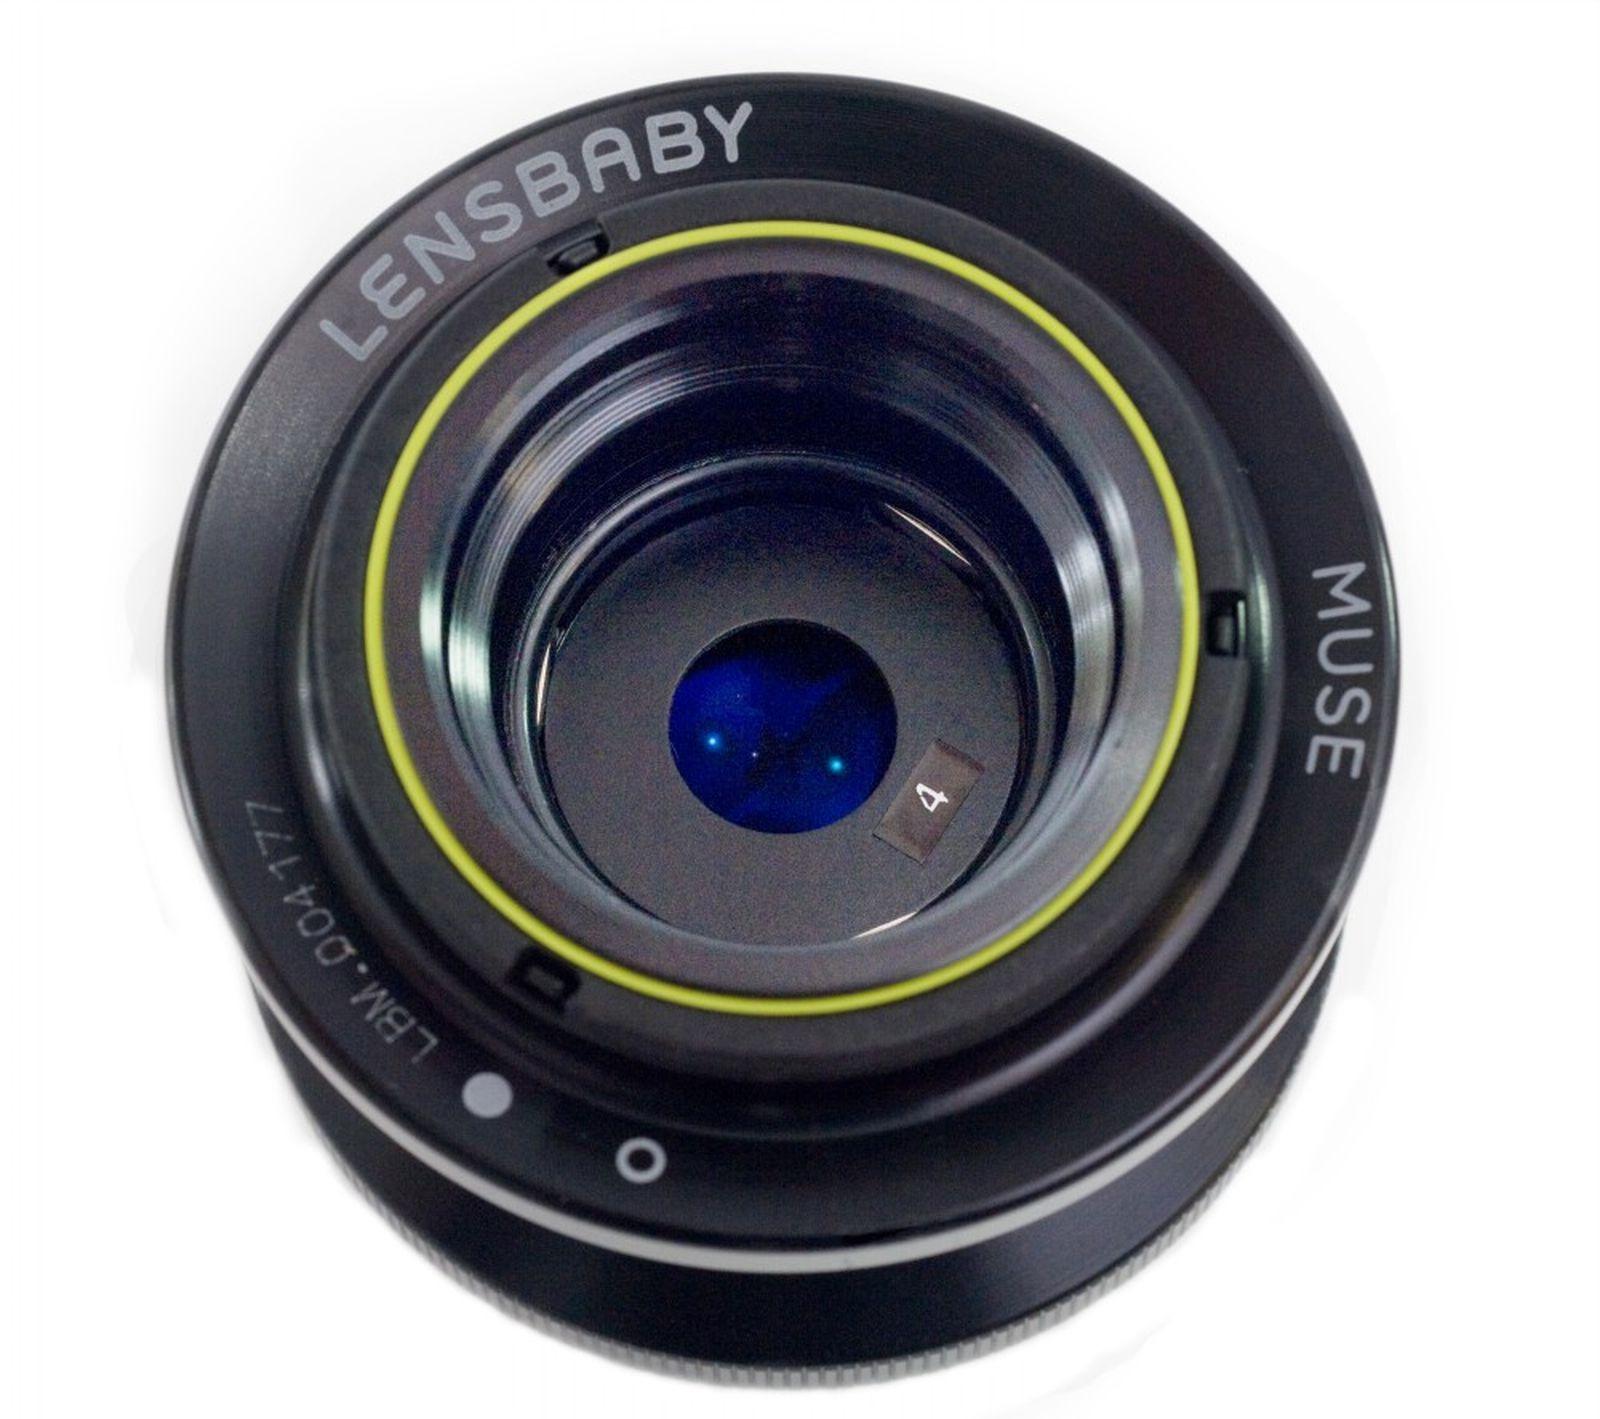 Объектив Lensbaby Composer Double Glass 50mm f/2.0 для Sony/Minolta A, черный, серебристый